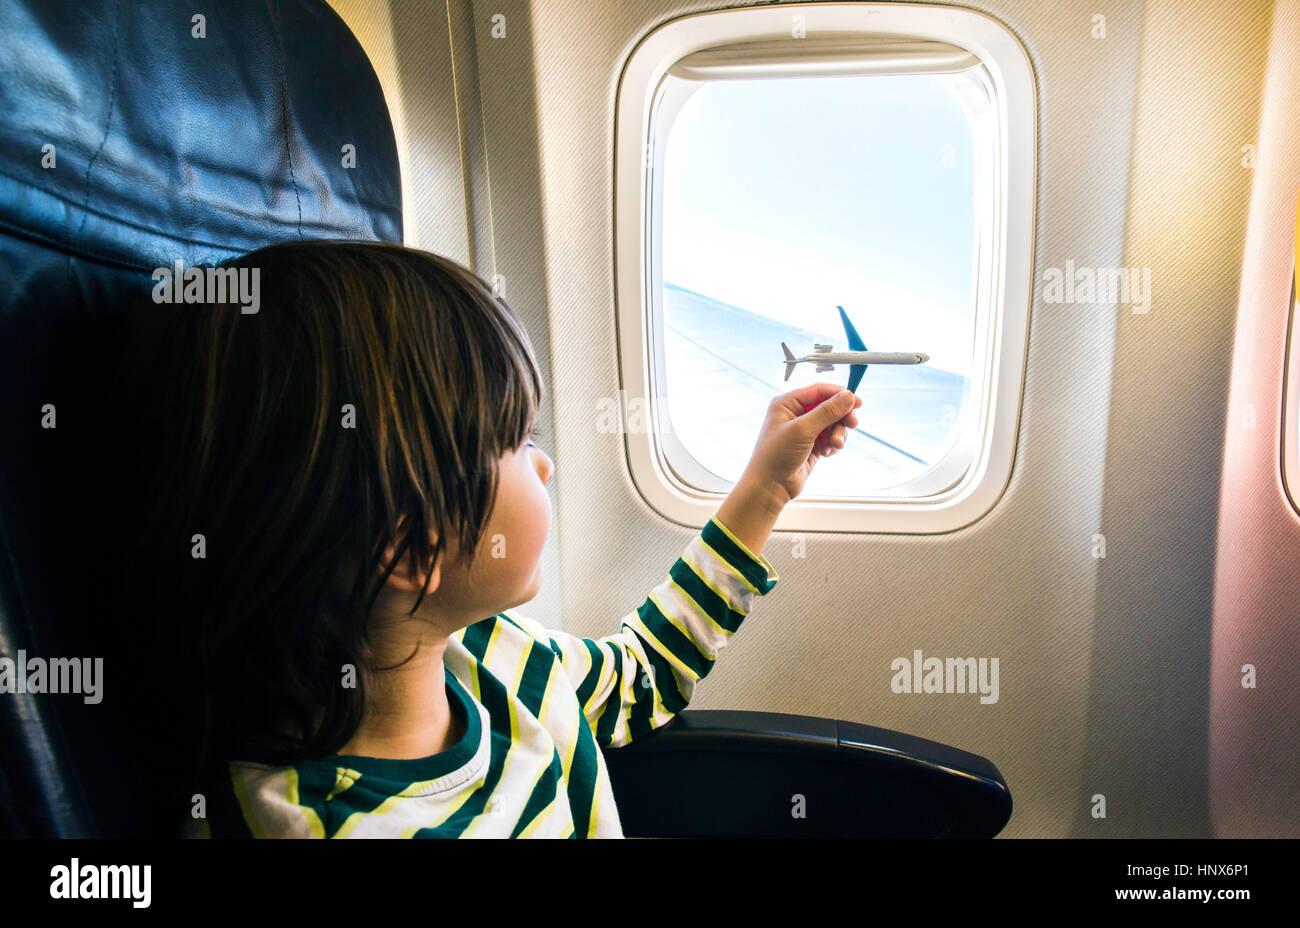 Jungen spielen mit Spielzeugflugzeug im Flugzeugfenster Stockbild